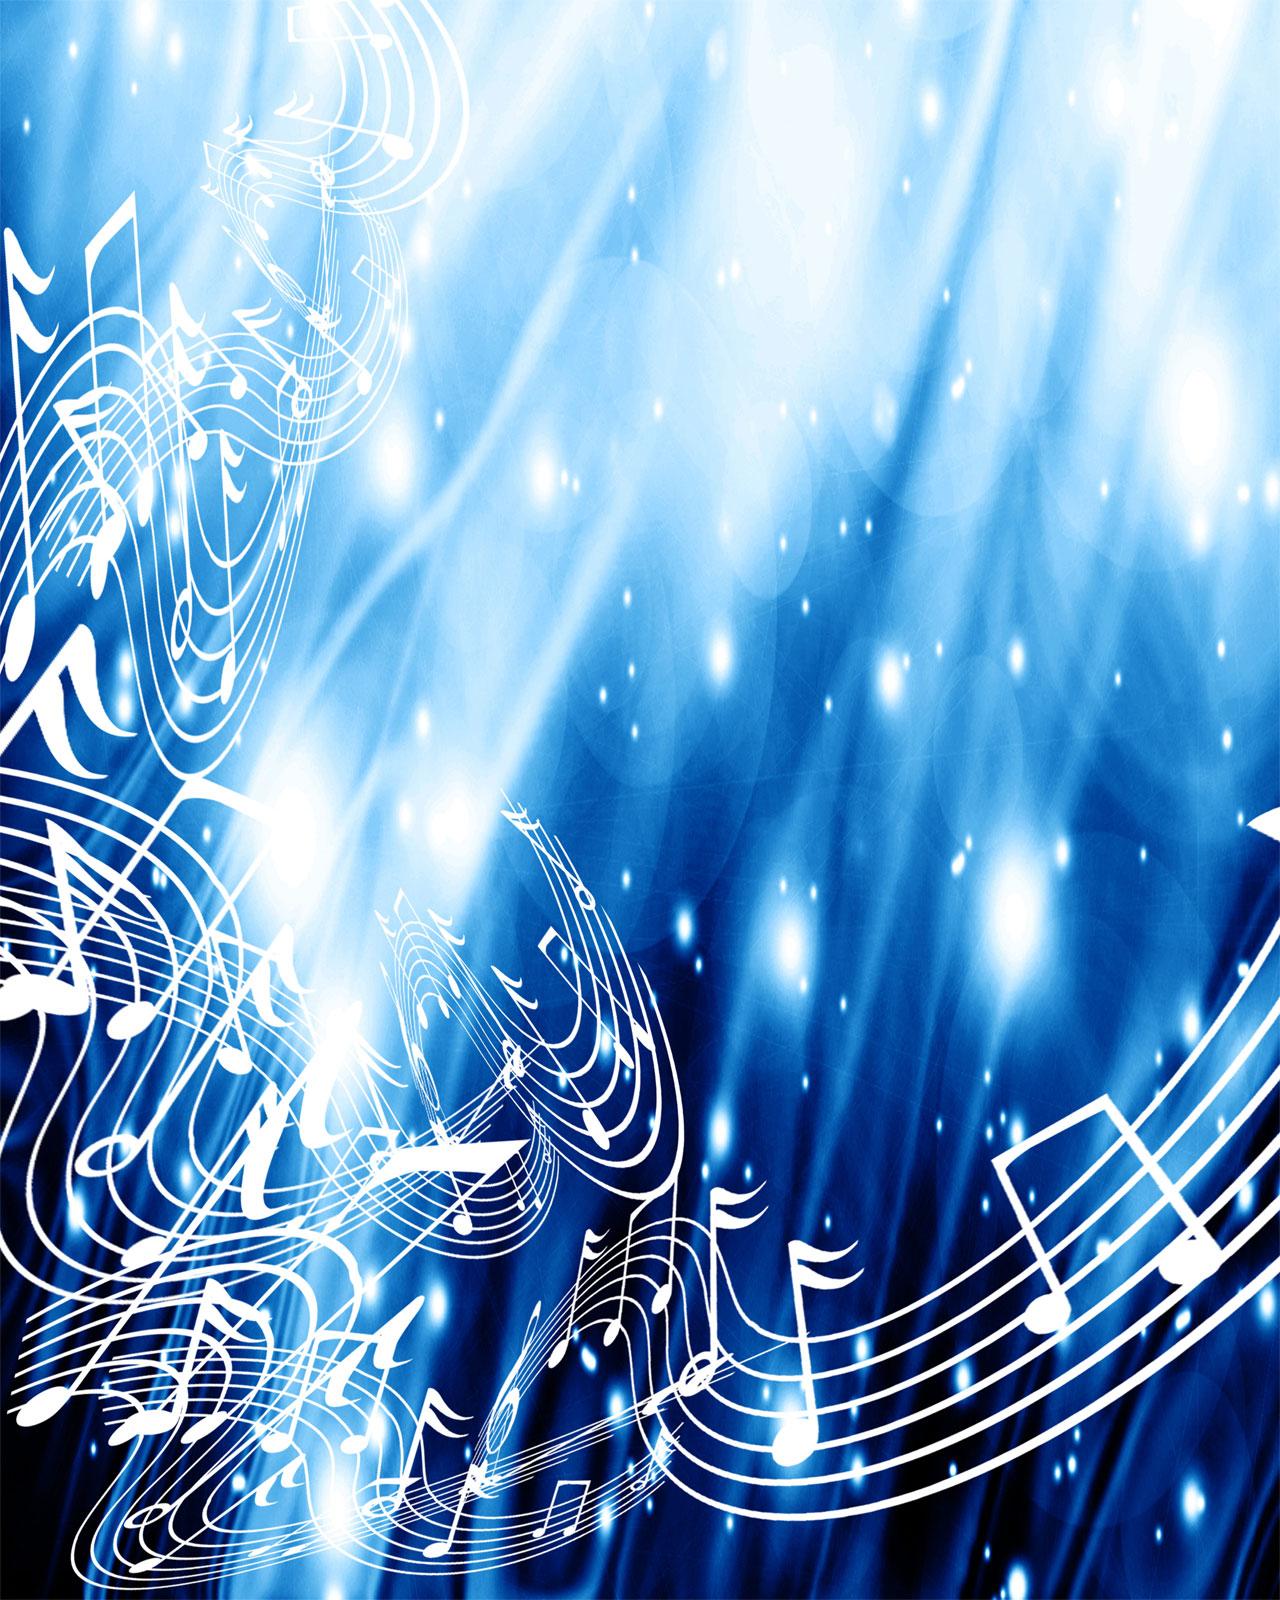 音符イラスト「シューティングスター」- 無料のフリー素材